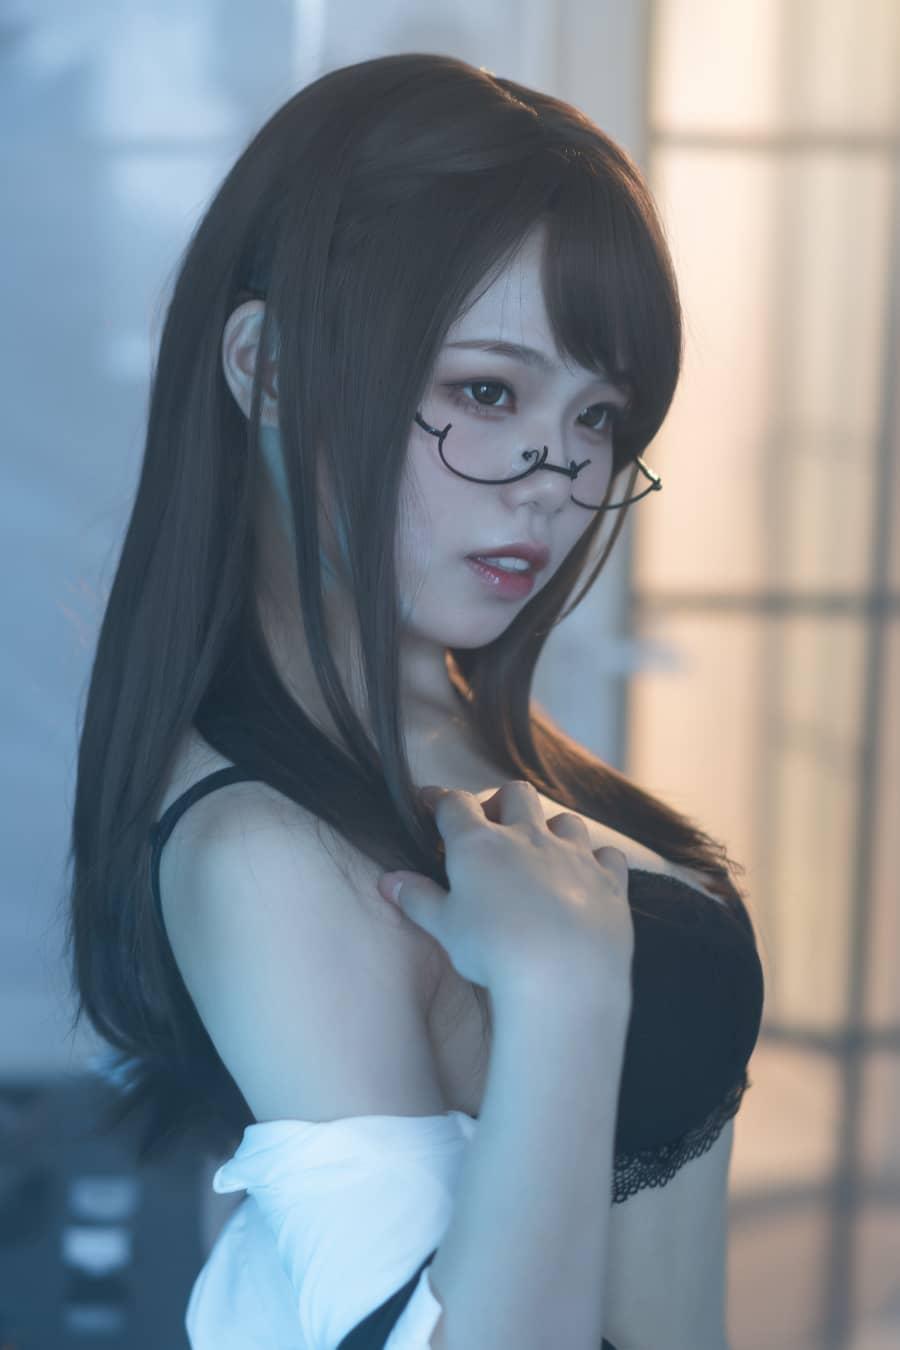 七月喵子 - 眼镜娘1号 [21P90M]